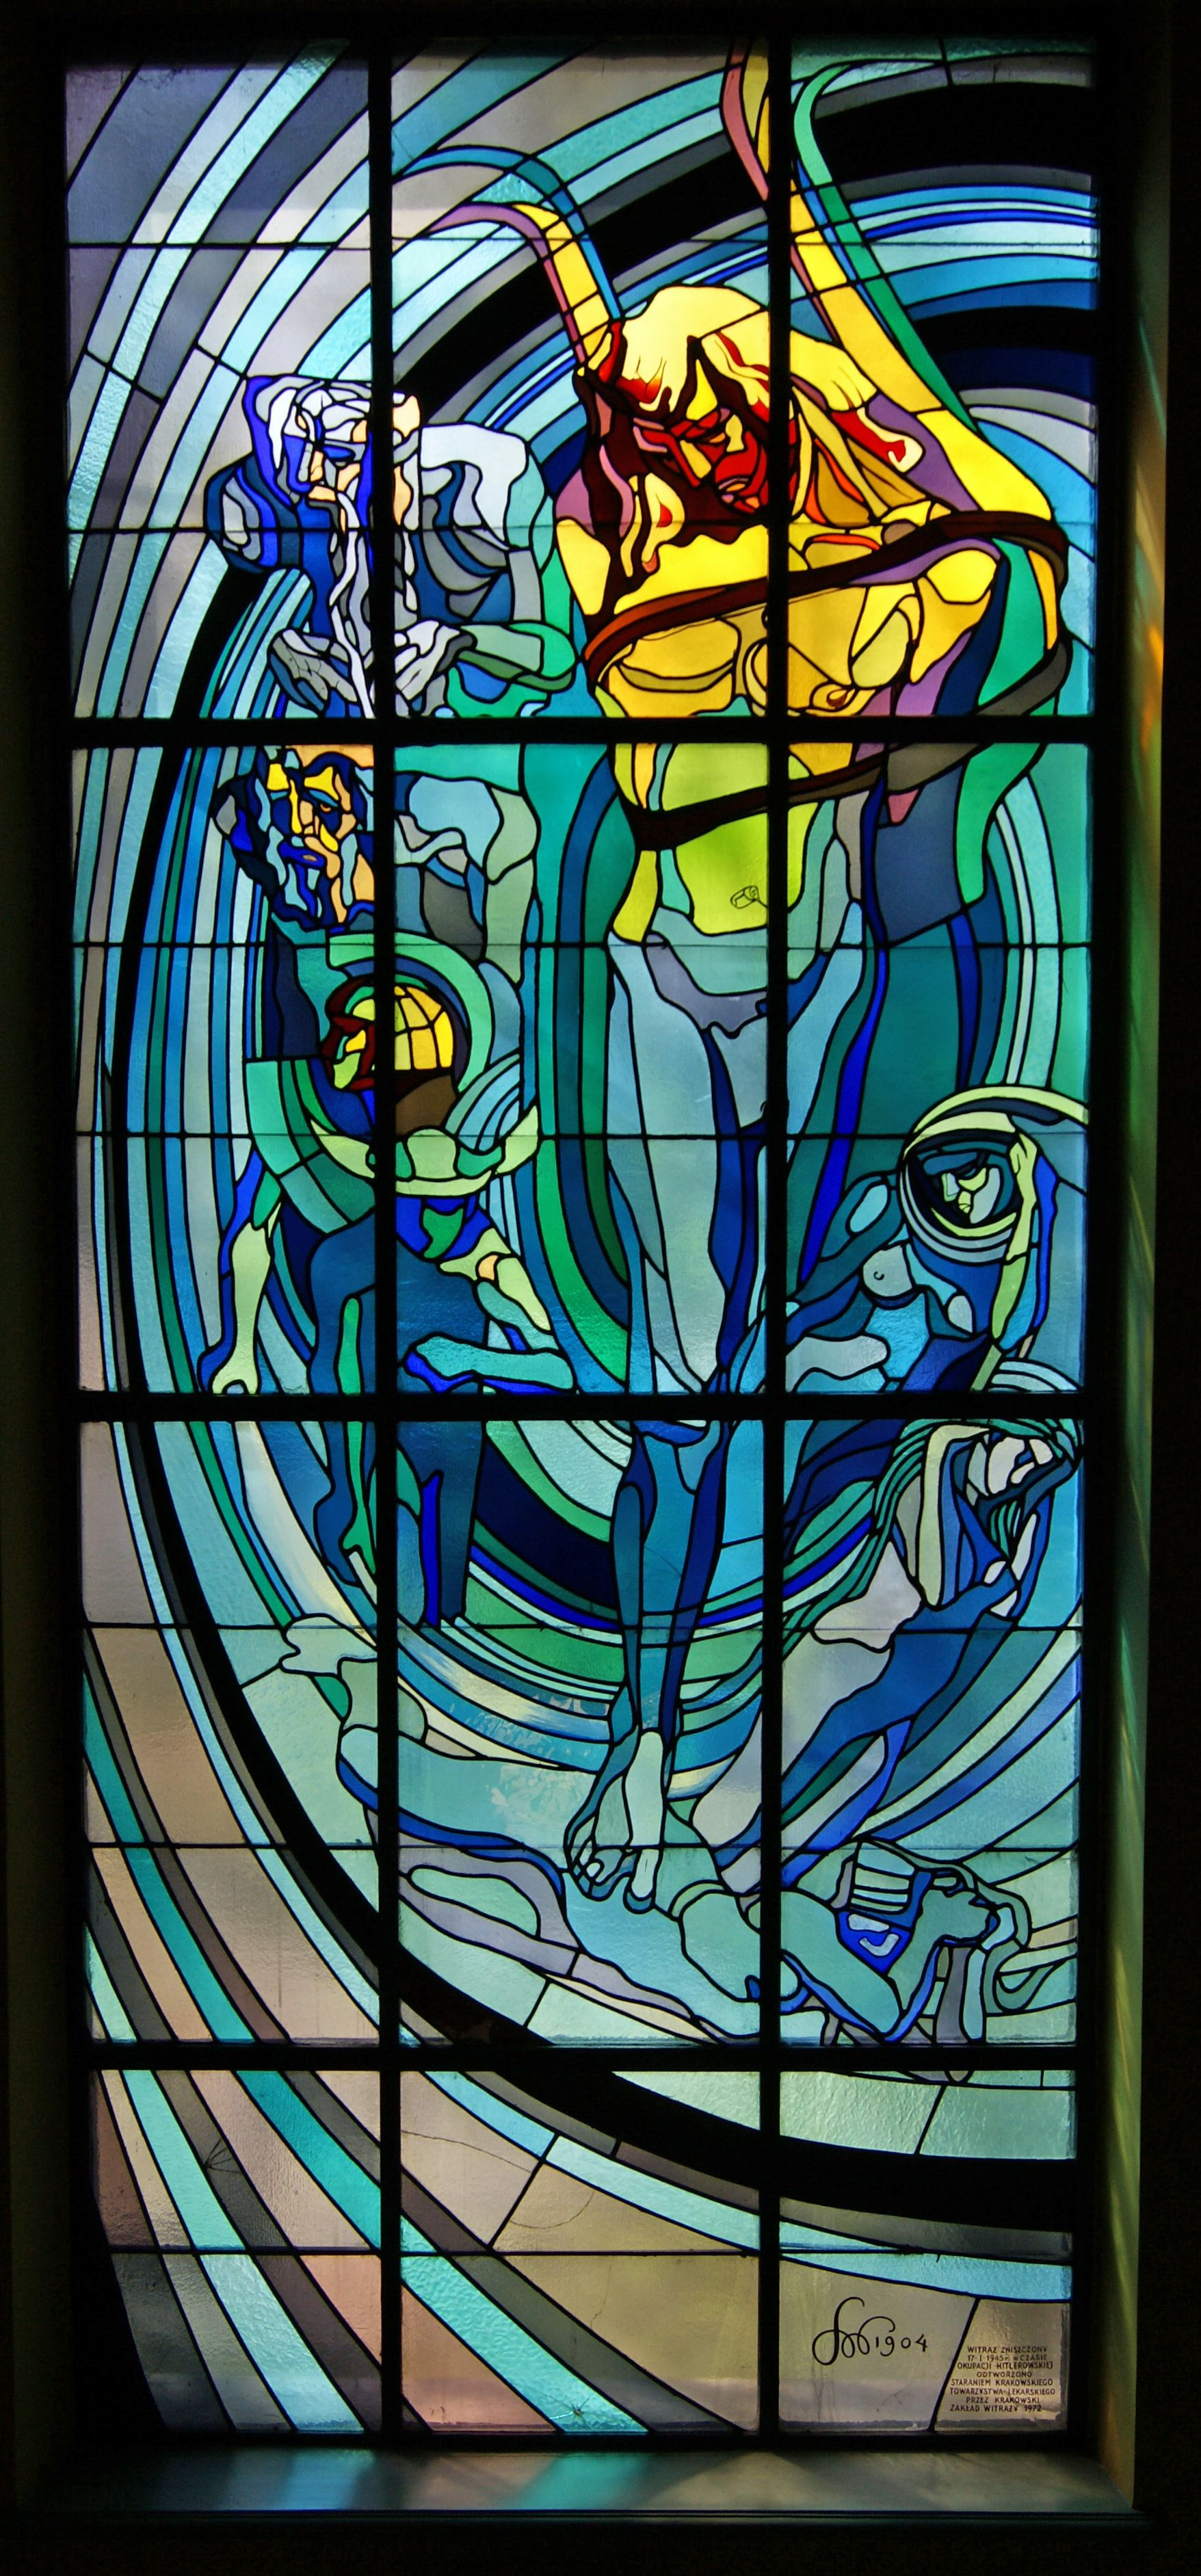 Charmant APOLLO  Stained Glass Window Designed By Stanisław Wyspiański, KRAKÓW POLAND